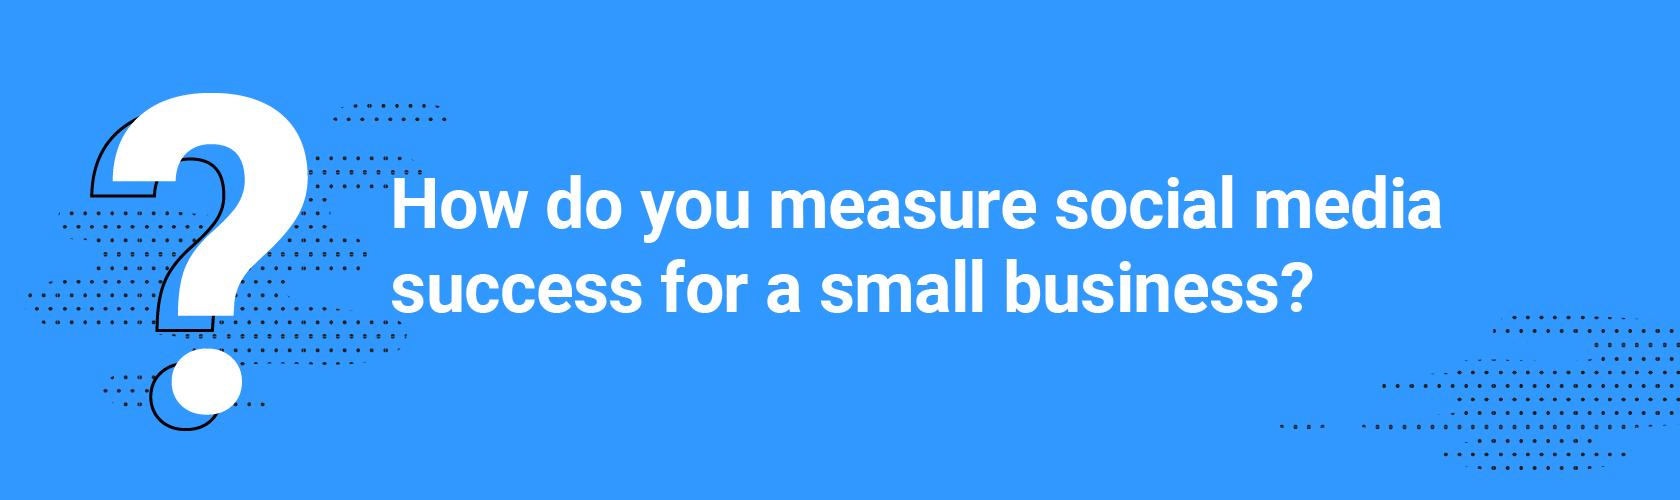 How do youmeasure social media success for a small business?